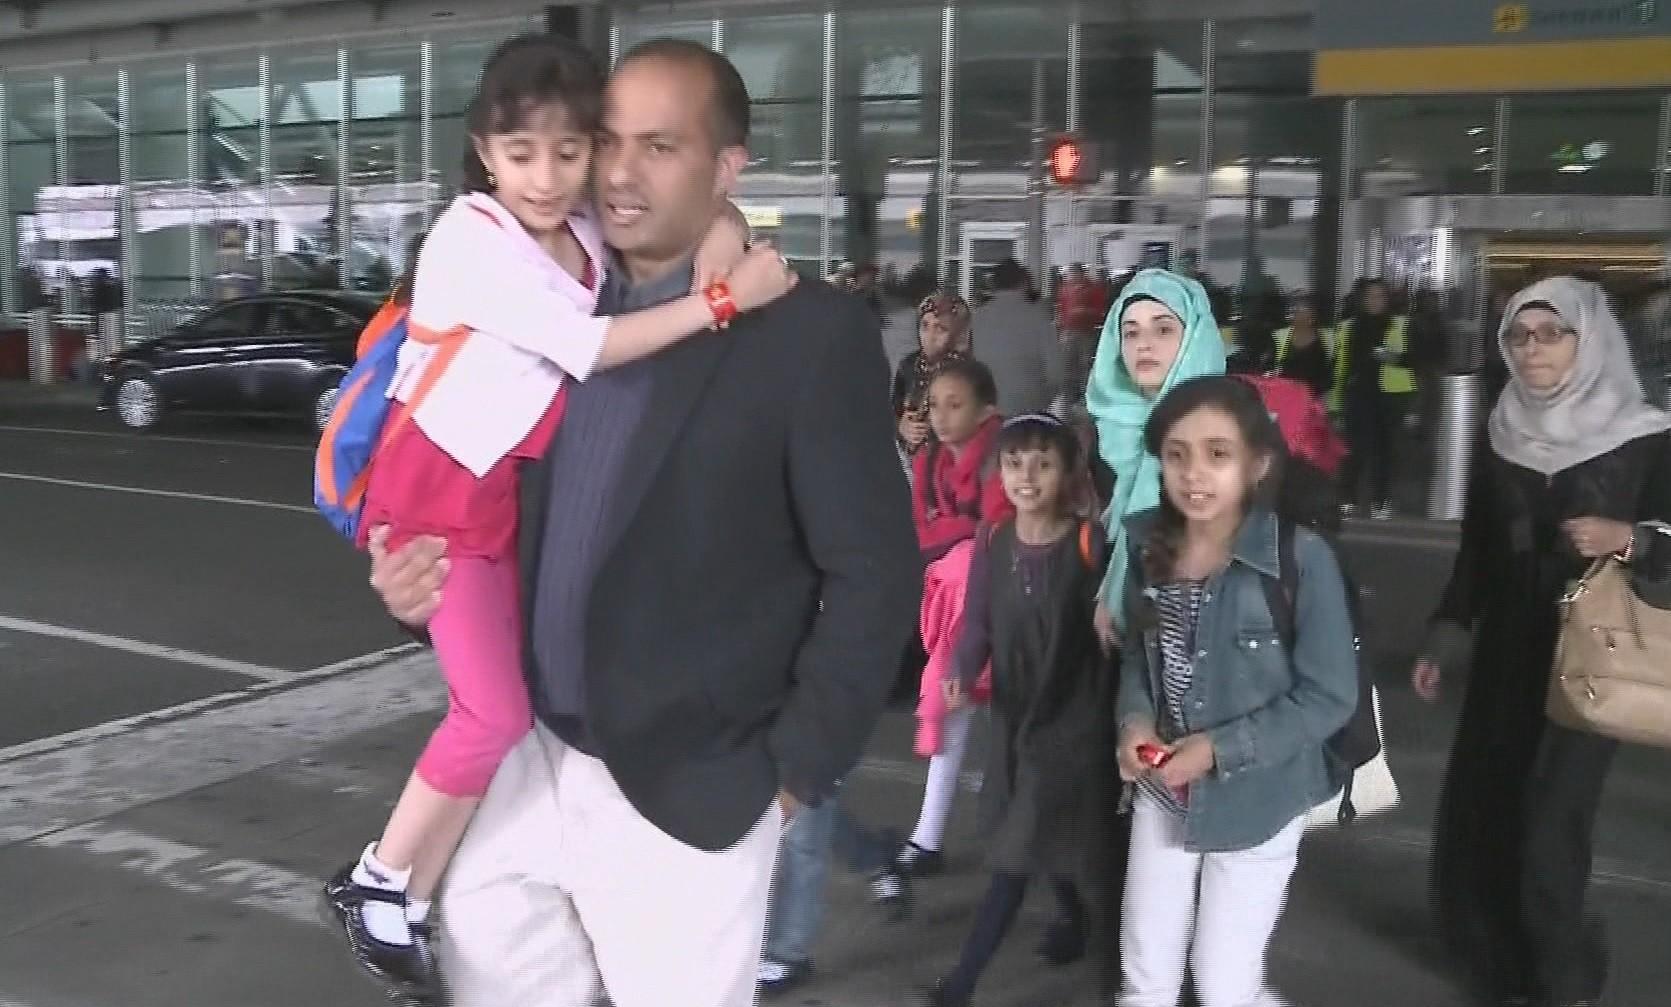 Famille américaine évacuée du Yémen : nous avons eu beaucoup de chance avec la Russie